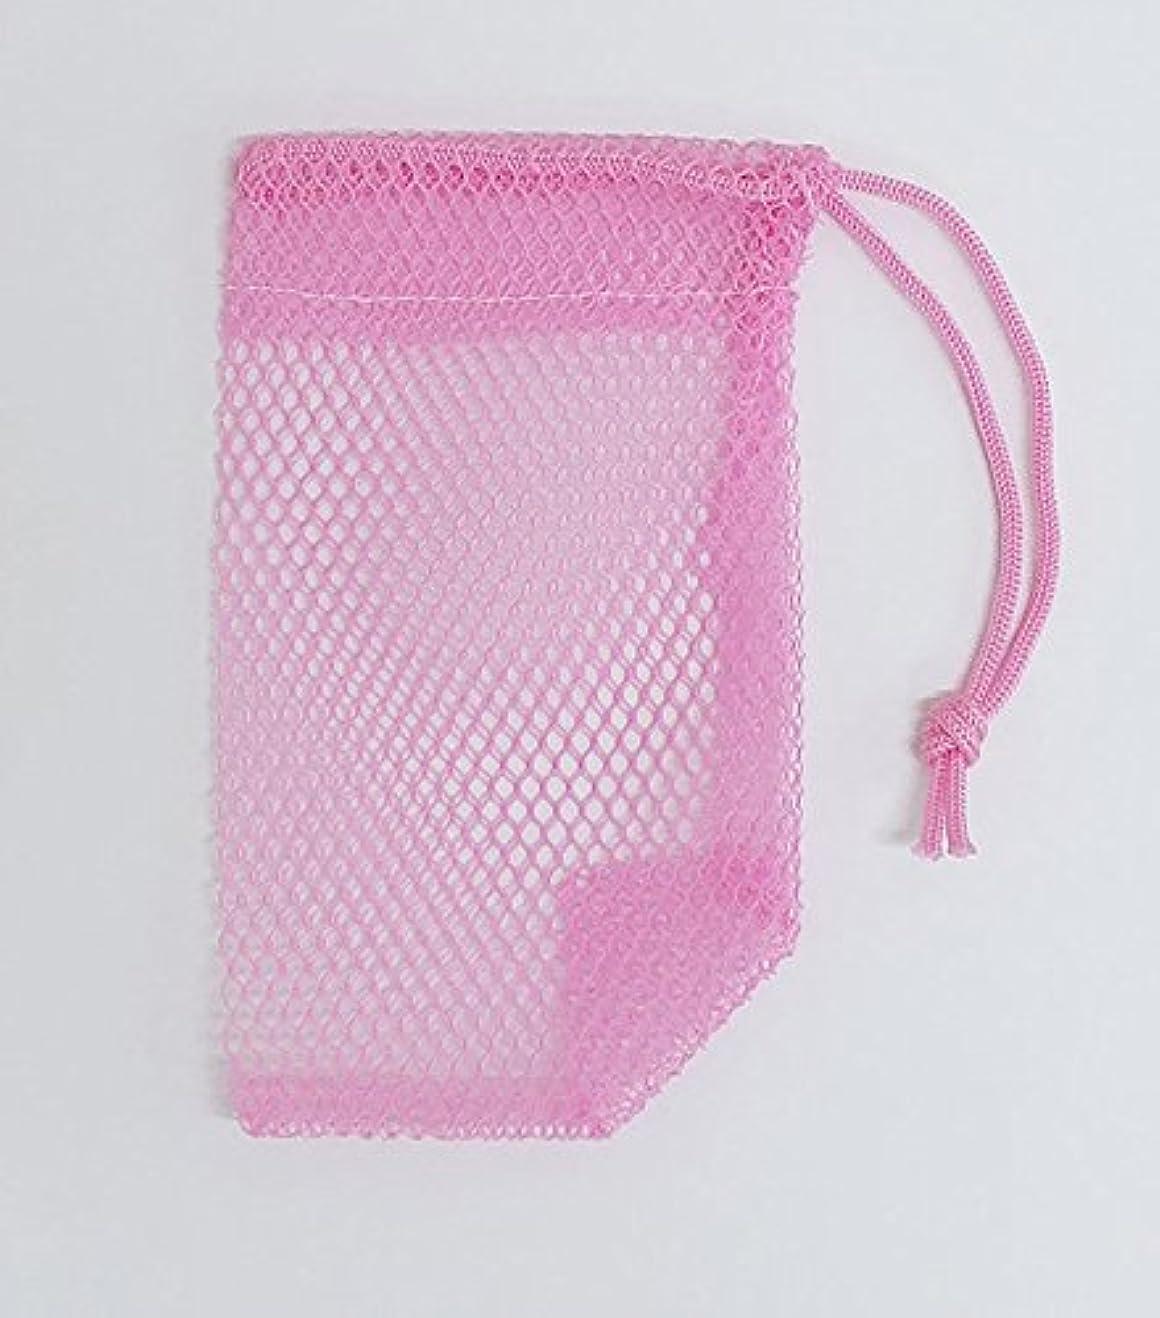 事実上ヒューバートハドソンインディカ石けんネット ひもタイプ 20枚組  ピンク